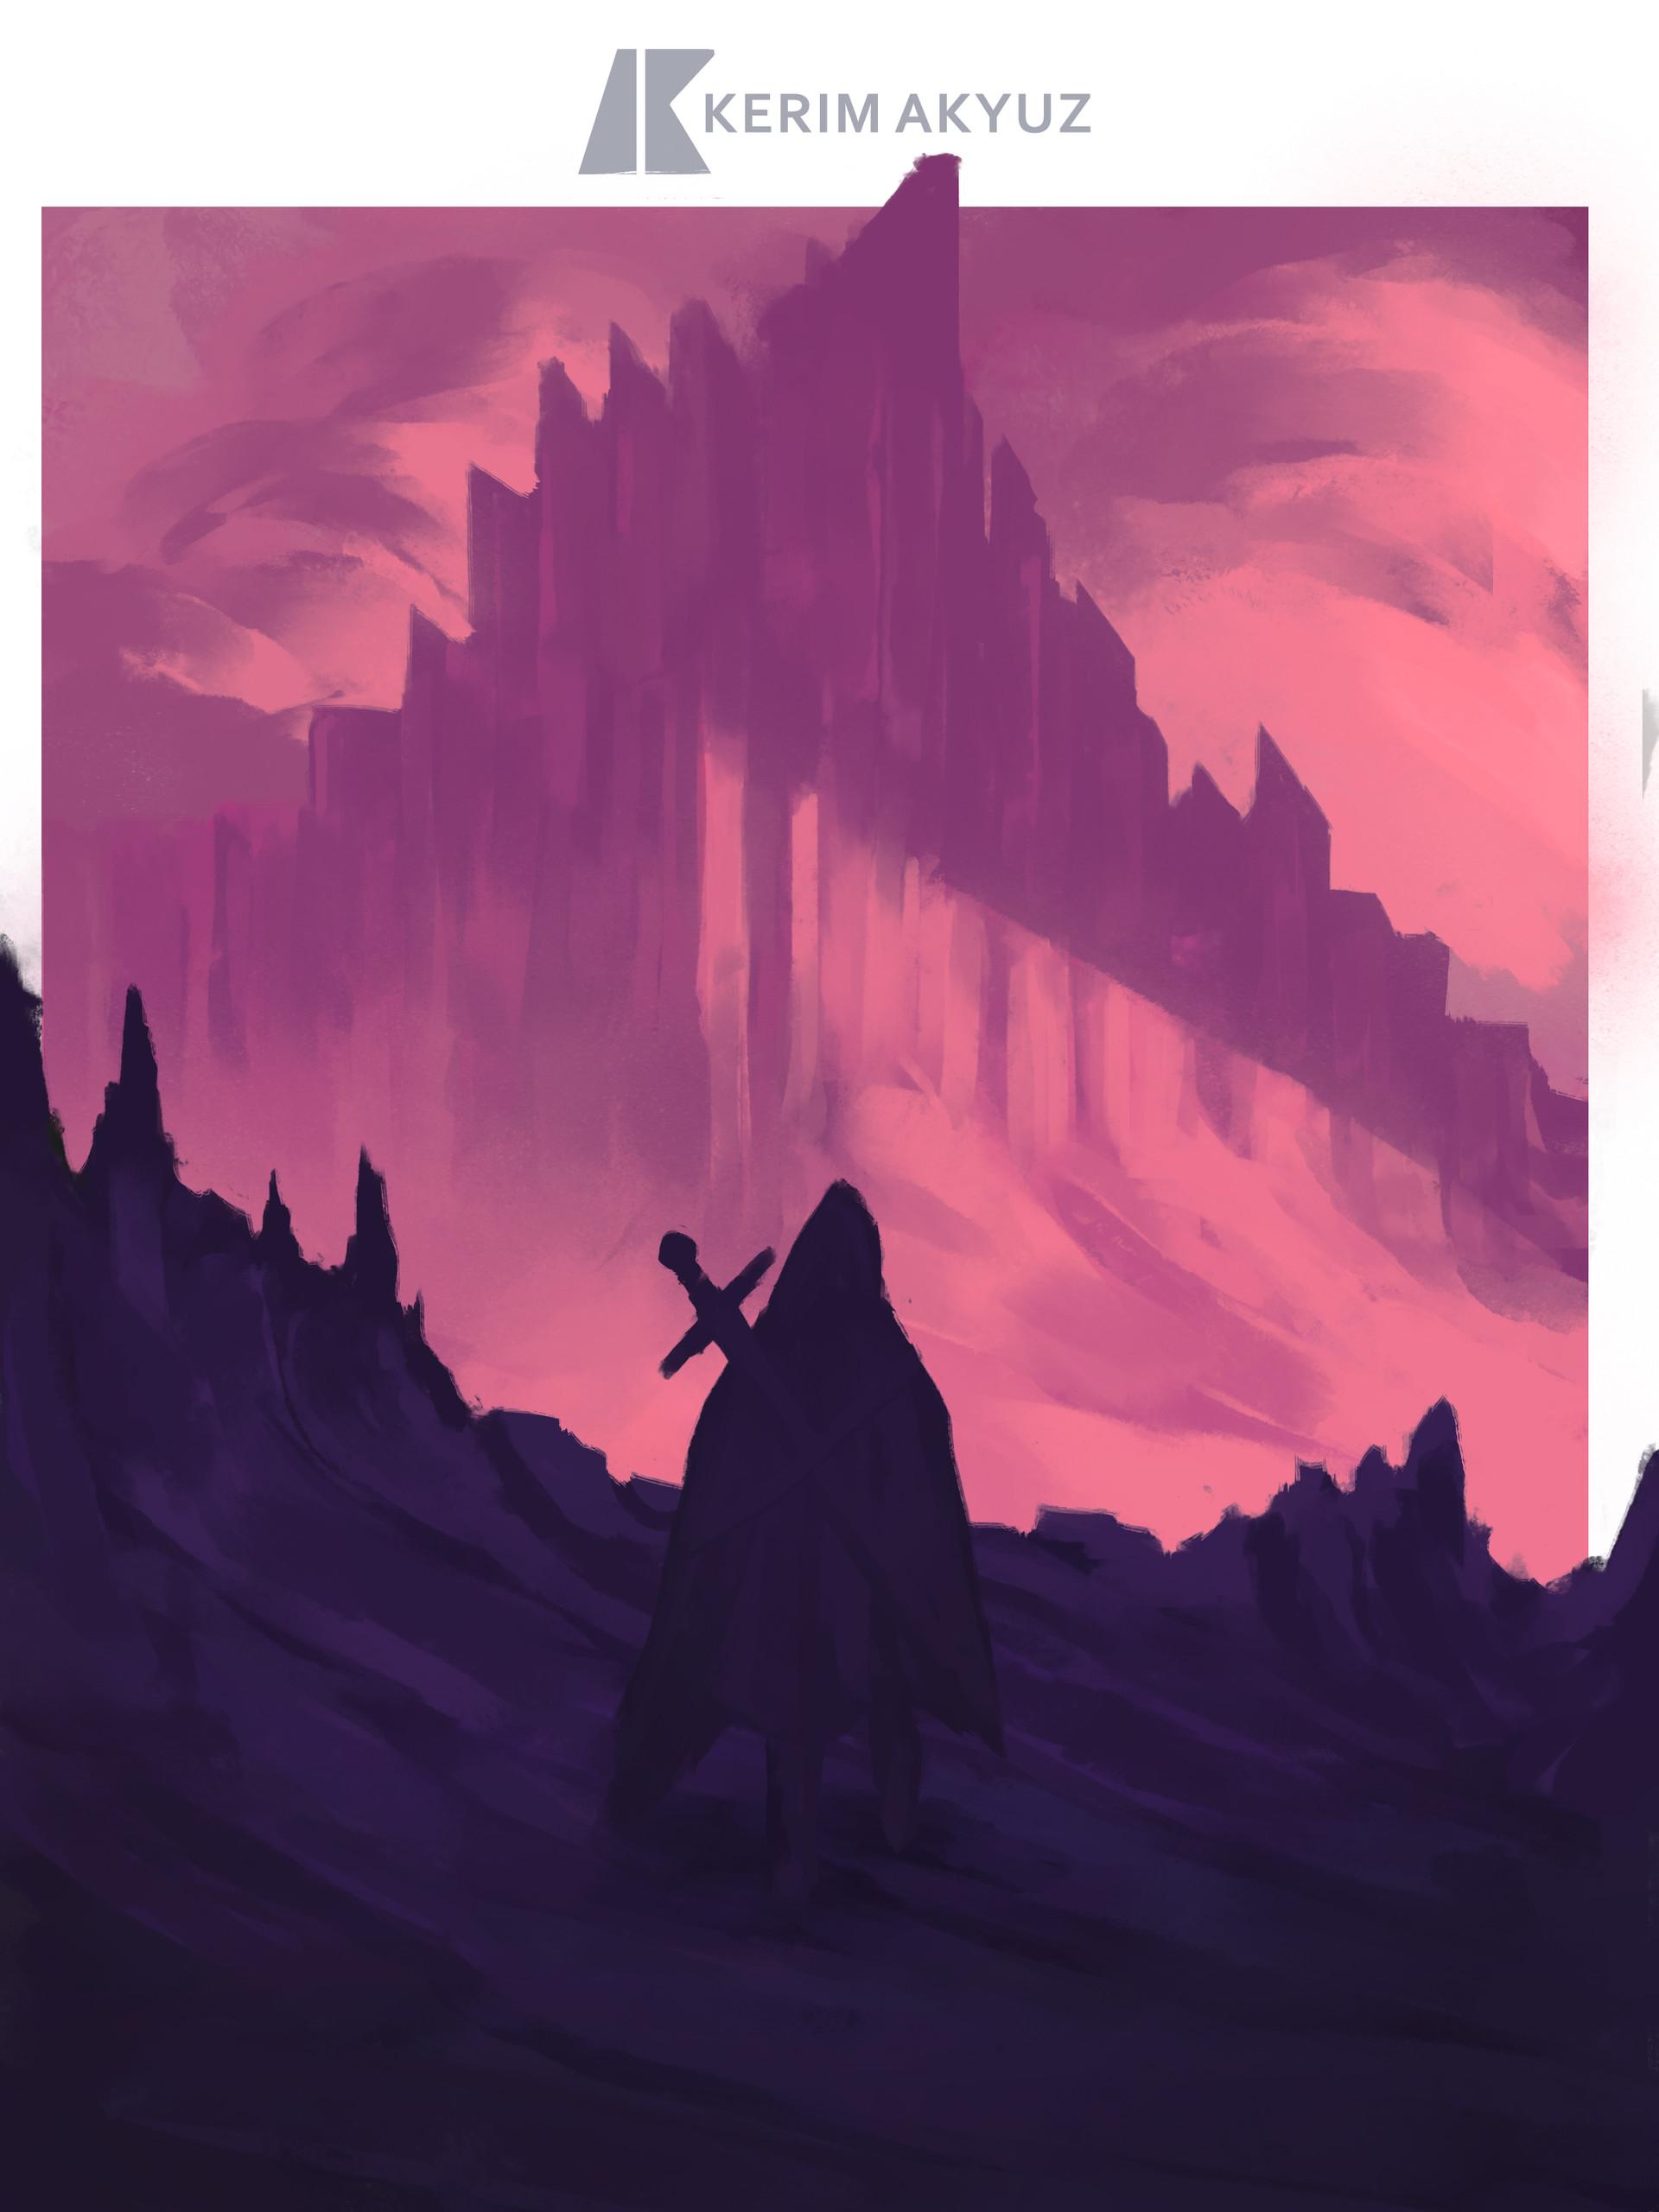 Kerim akyuz 106 mount castle